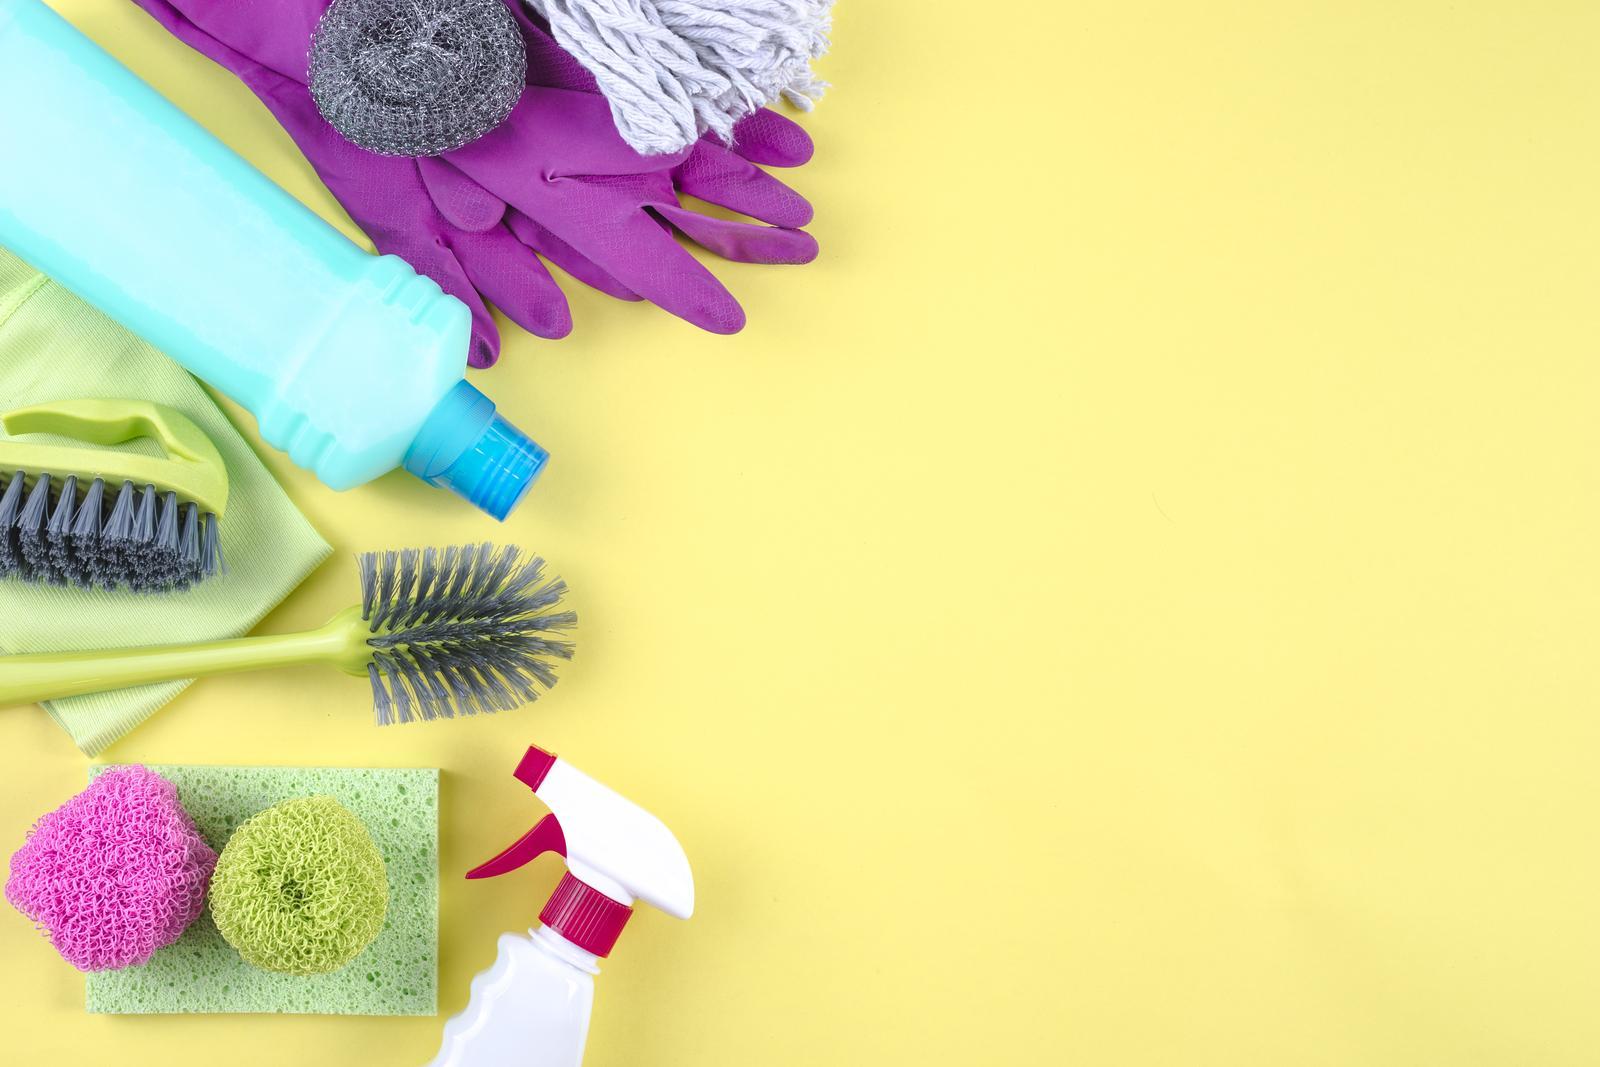 Tekstiilitoodete pesu ja keemiline puhastus Tallinnas